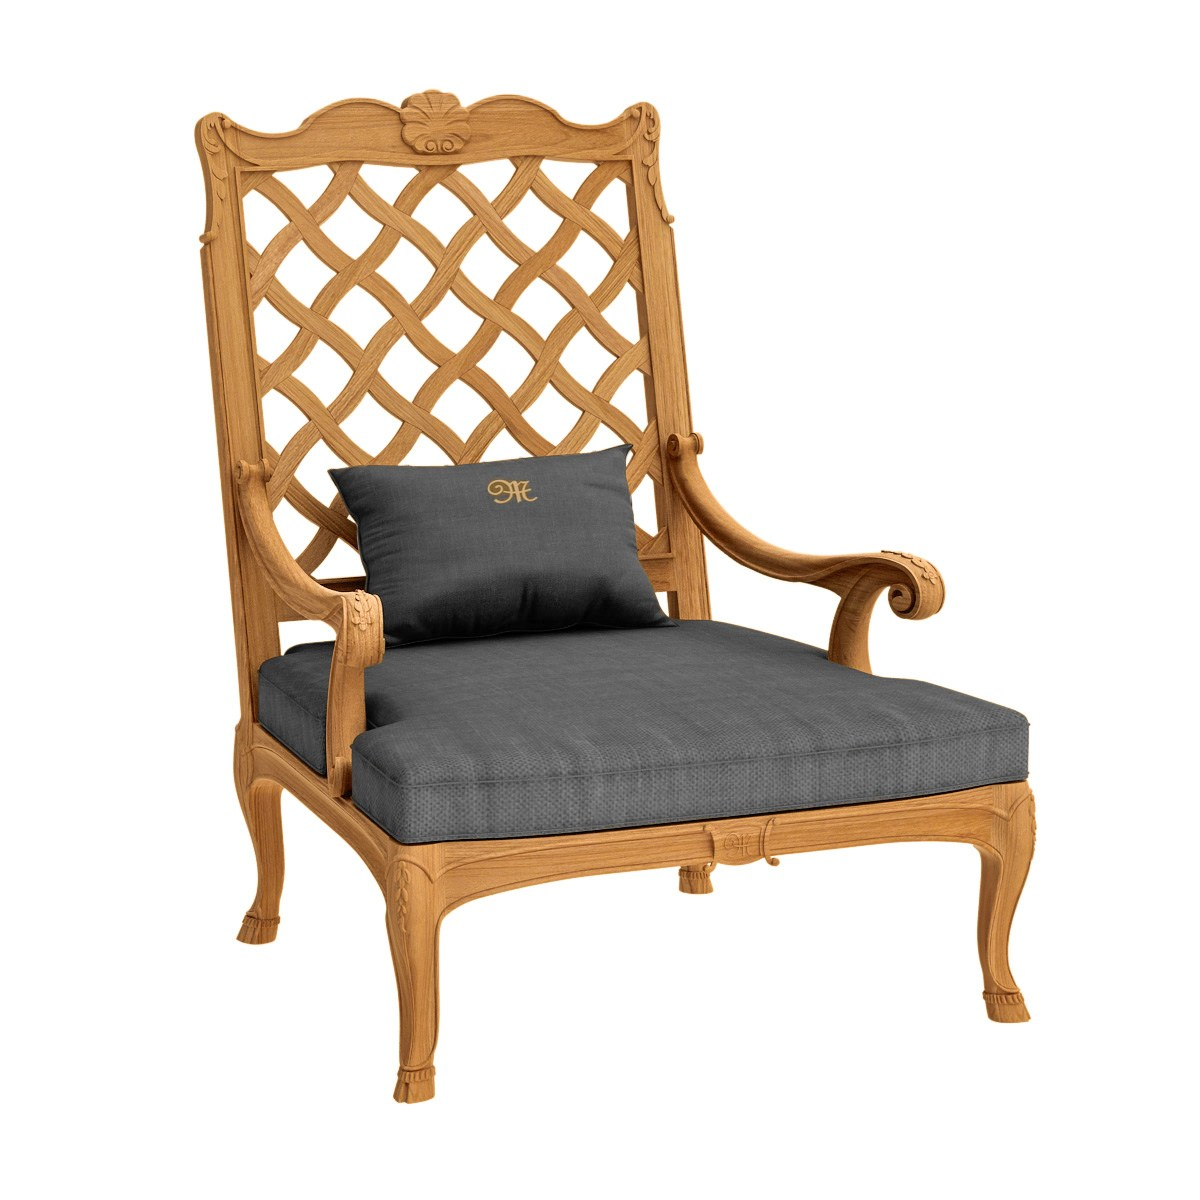 Fleur de lys fauteuil berg re by astello design dominique malcor thierry mas - Fauteuil bergere design ...